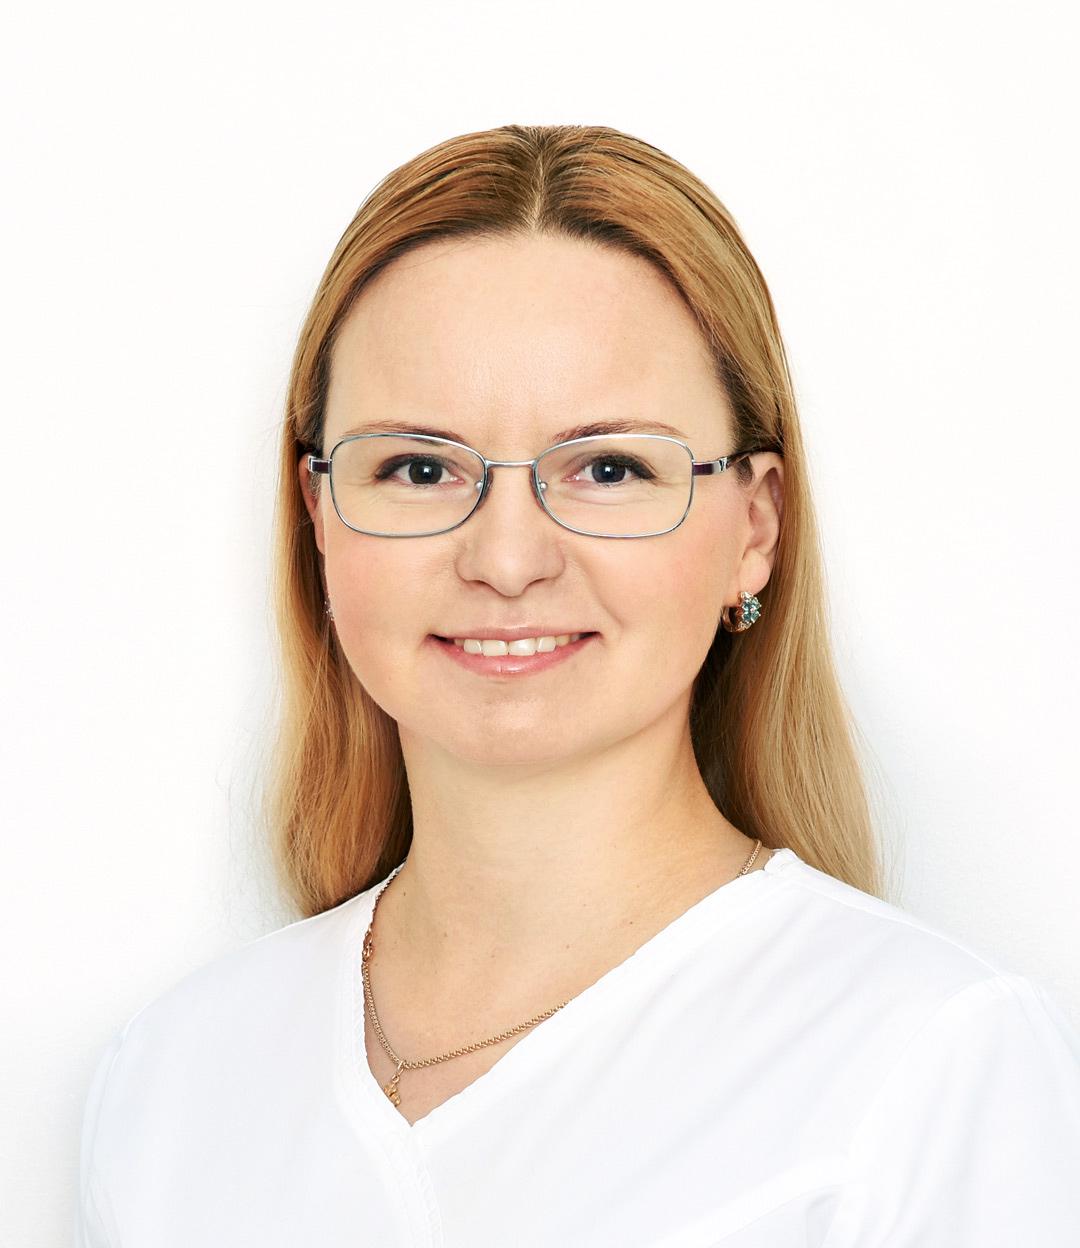 Давыдова (Киндзерская) Оксана Алексеевна